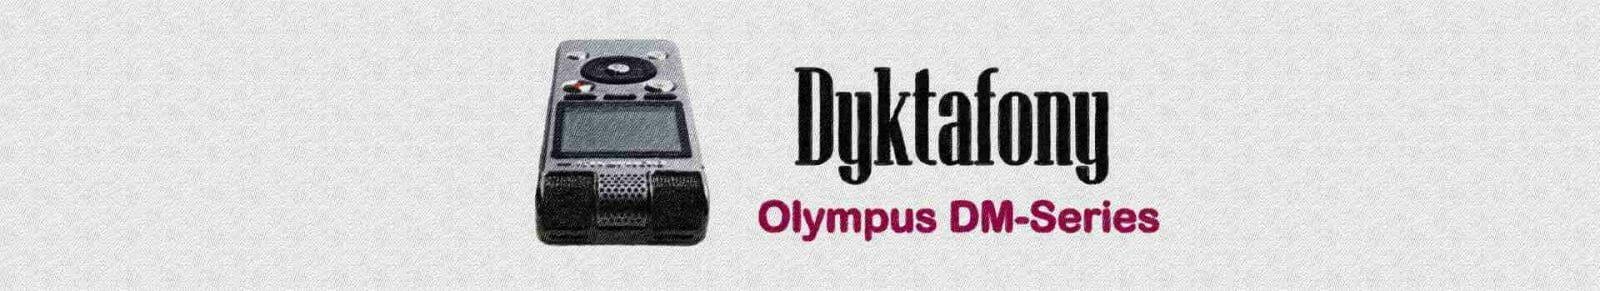 nagowek-DM-series-A-1920x349 Olympus DM-Series odzysk danych